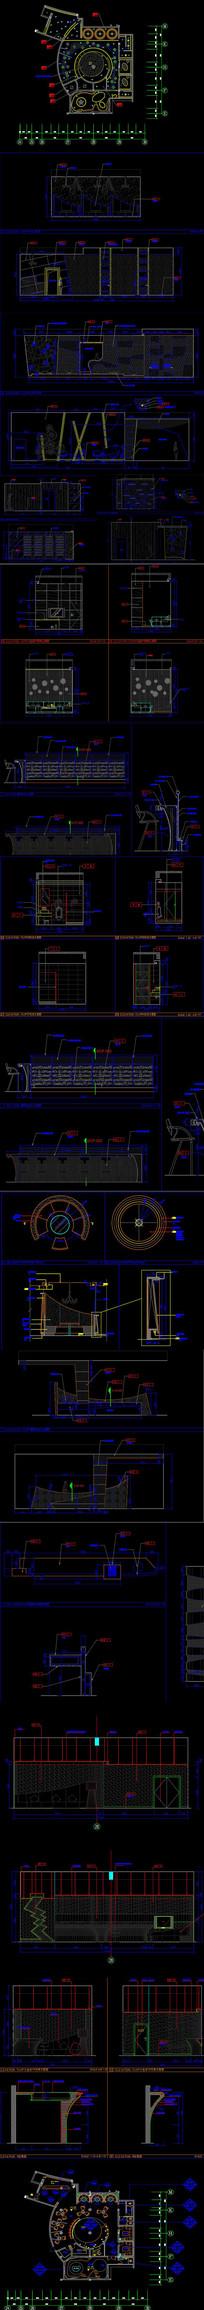 娱乐会所CAD平面图